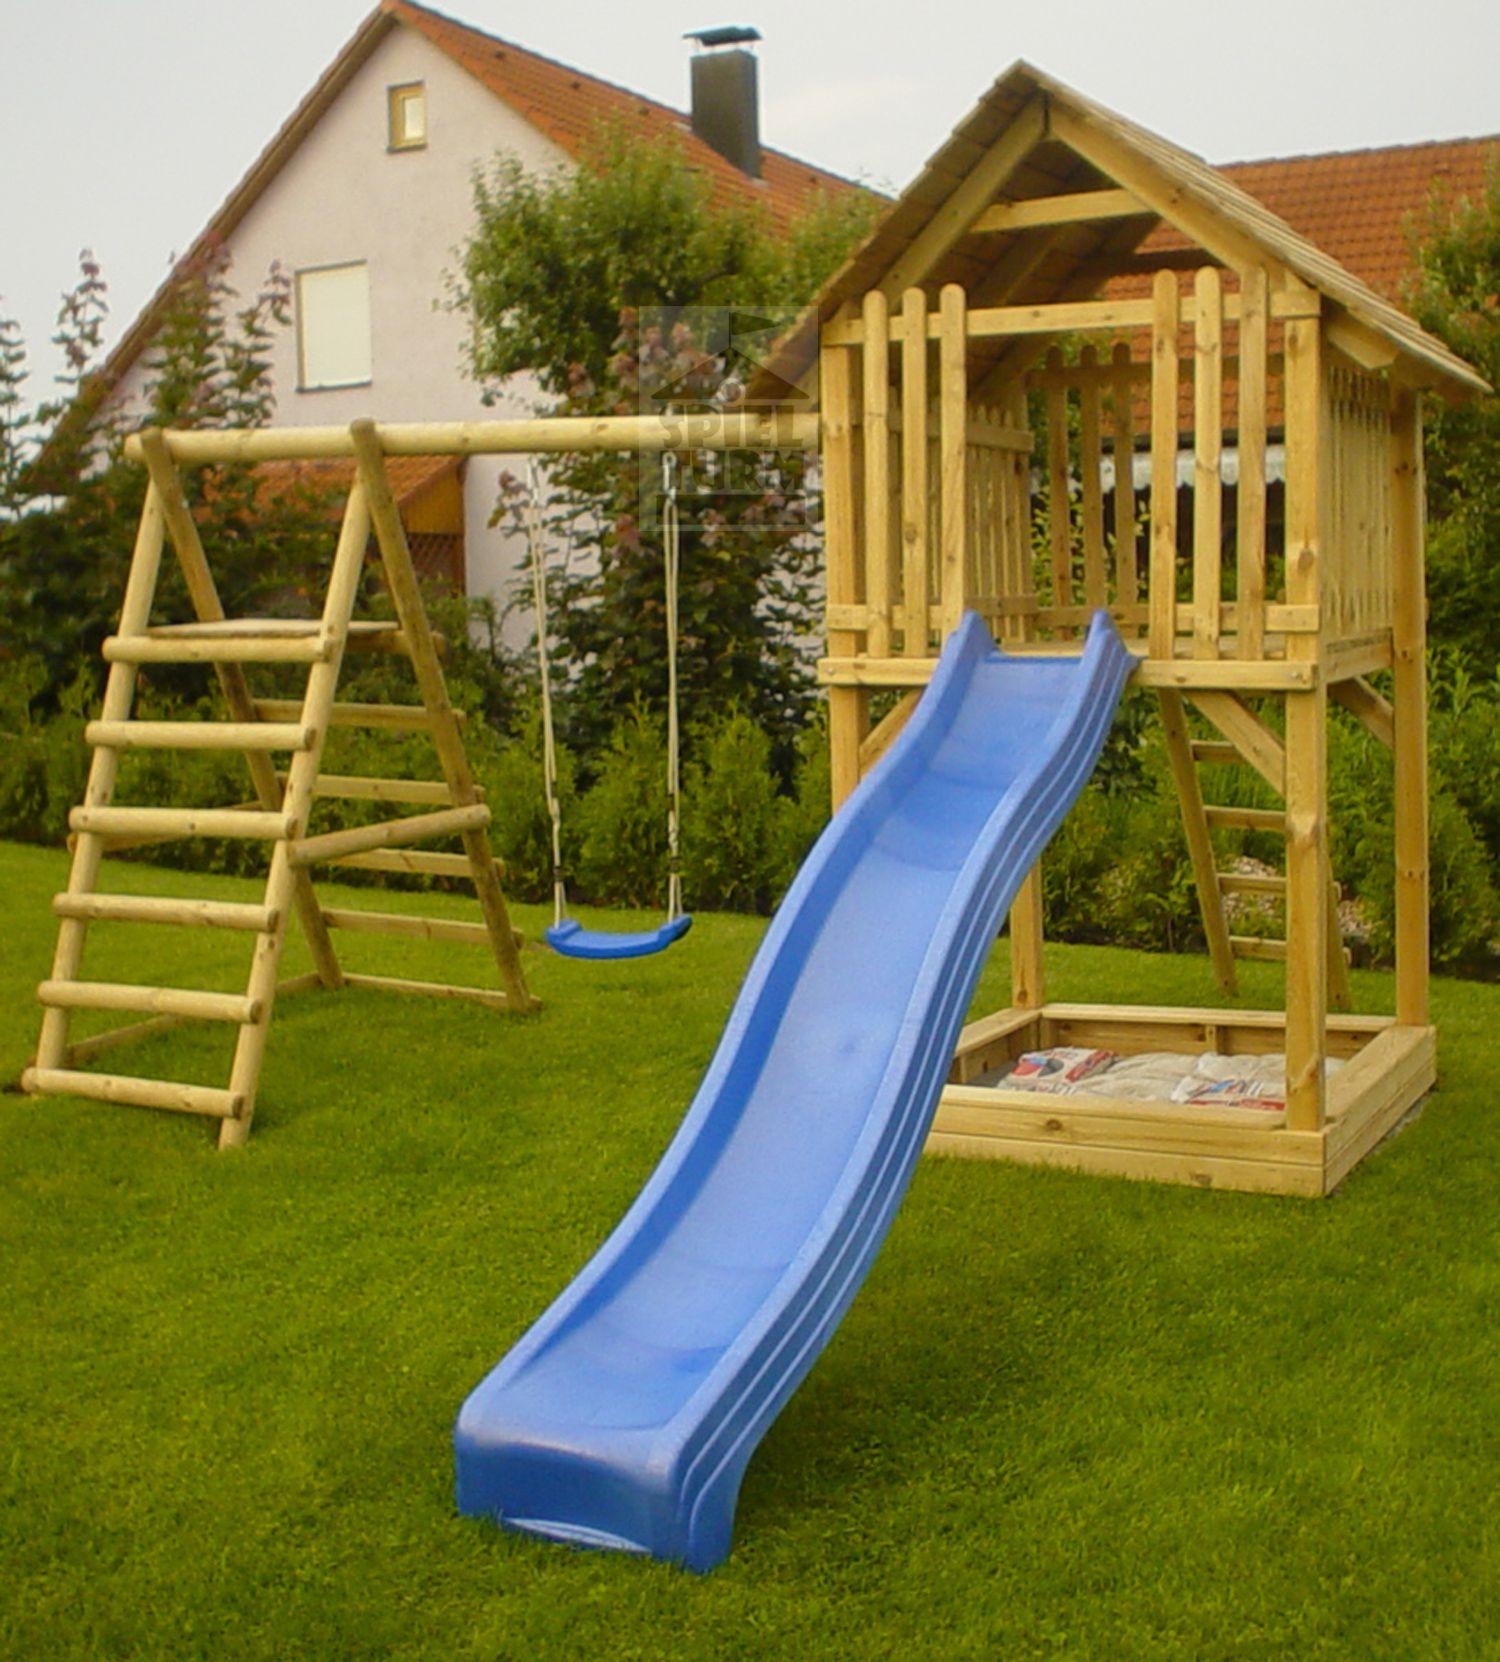 Spielturm Tom Aus Holz Rutsche Schaukel Sandkasten Kletterturm Kletterbock Neu Ebay Diy Spielplatz Spielturm Garten Spielturm